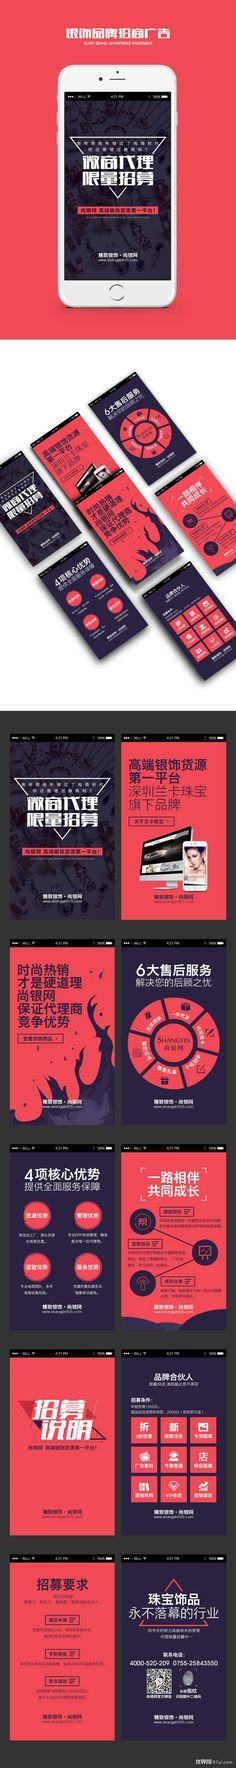 原创作品:手机H5招商广告